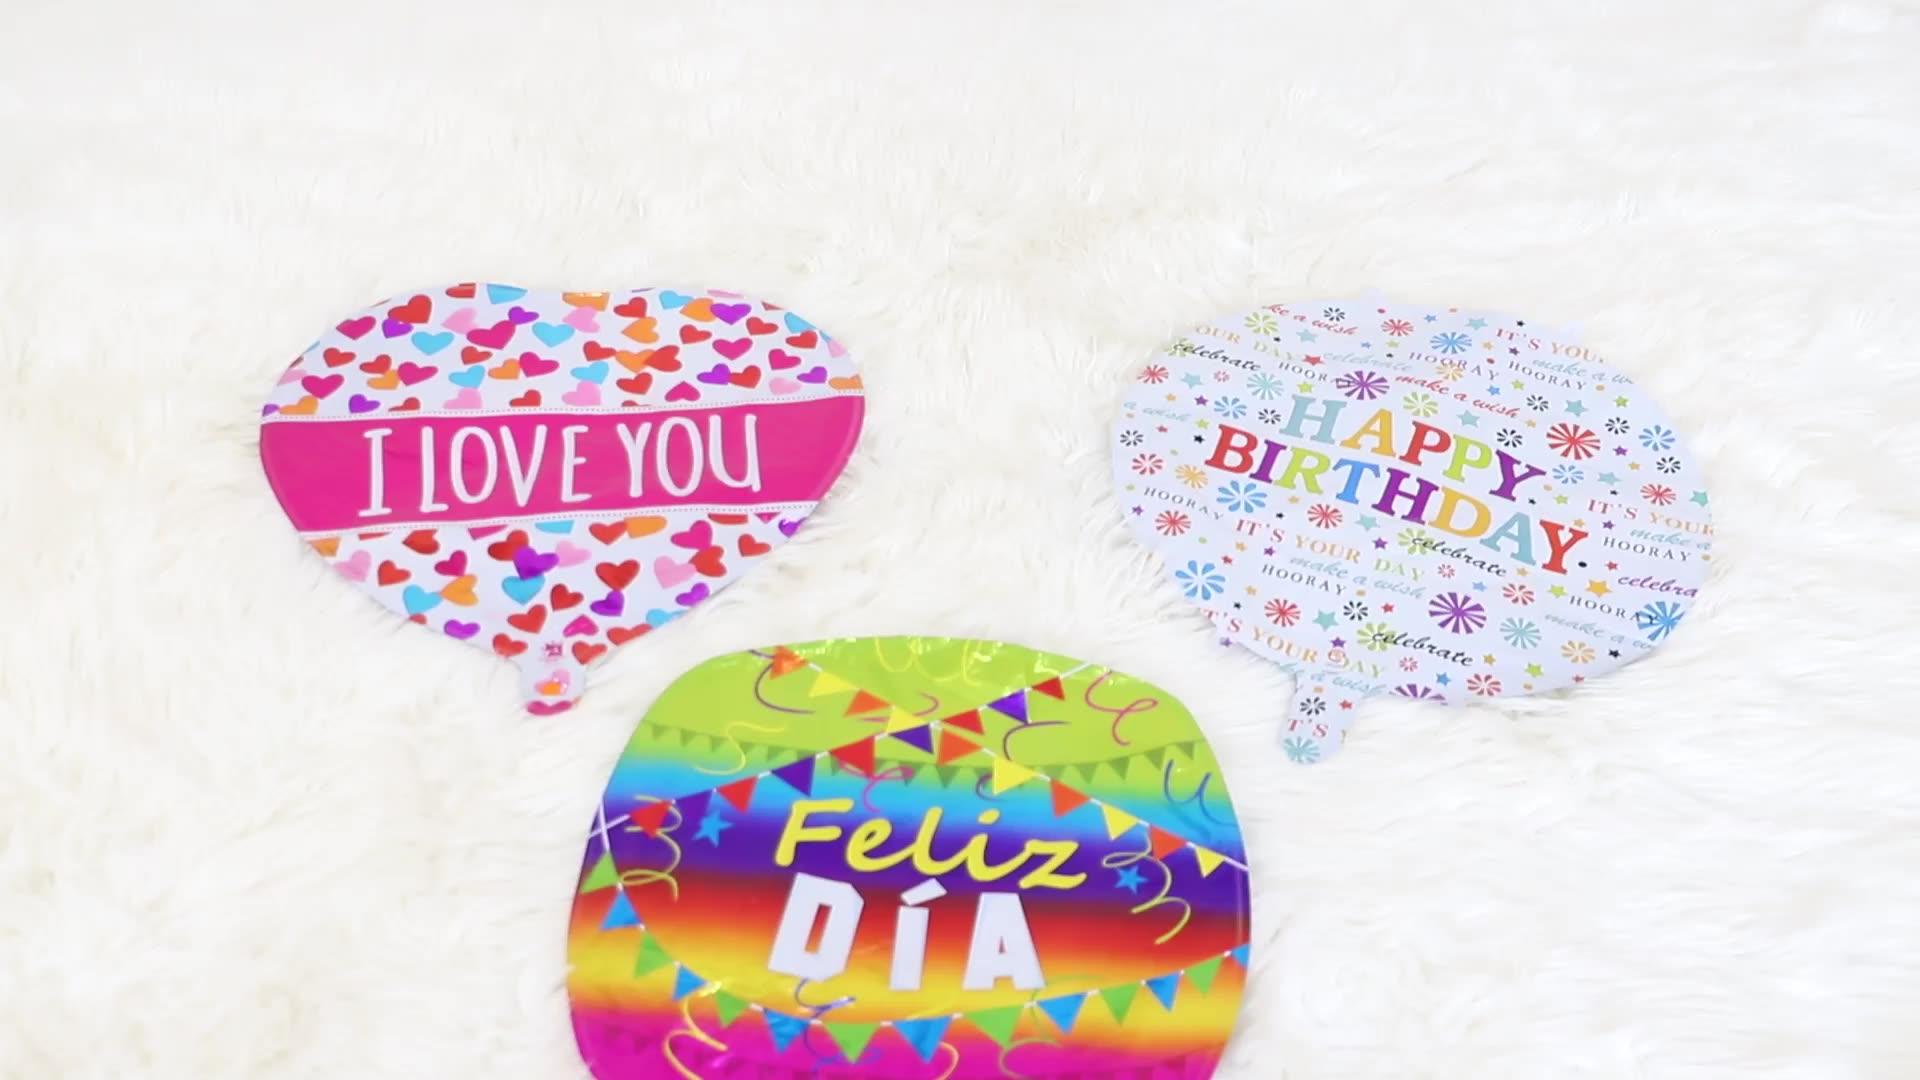 10Inch Hart Vorm Mini Folie Ballon Voor Bruiloft Decoratie Verjaardag Mini Folie Ballon Voor Kinderen Speelgoed